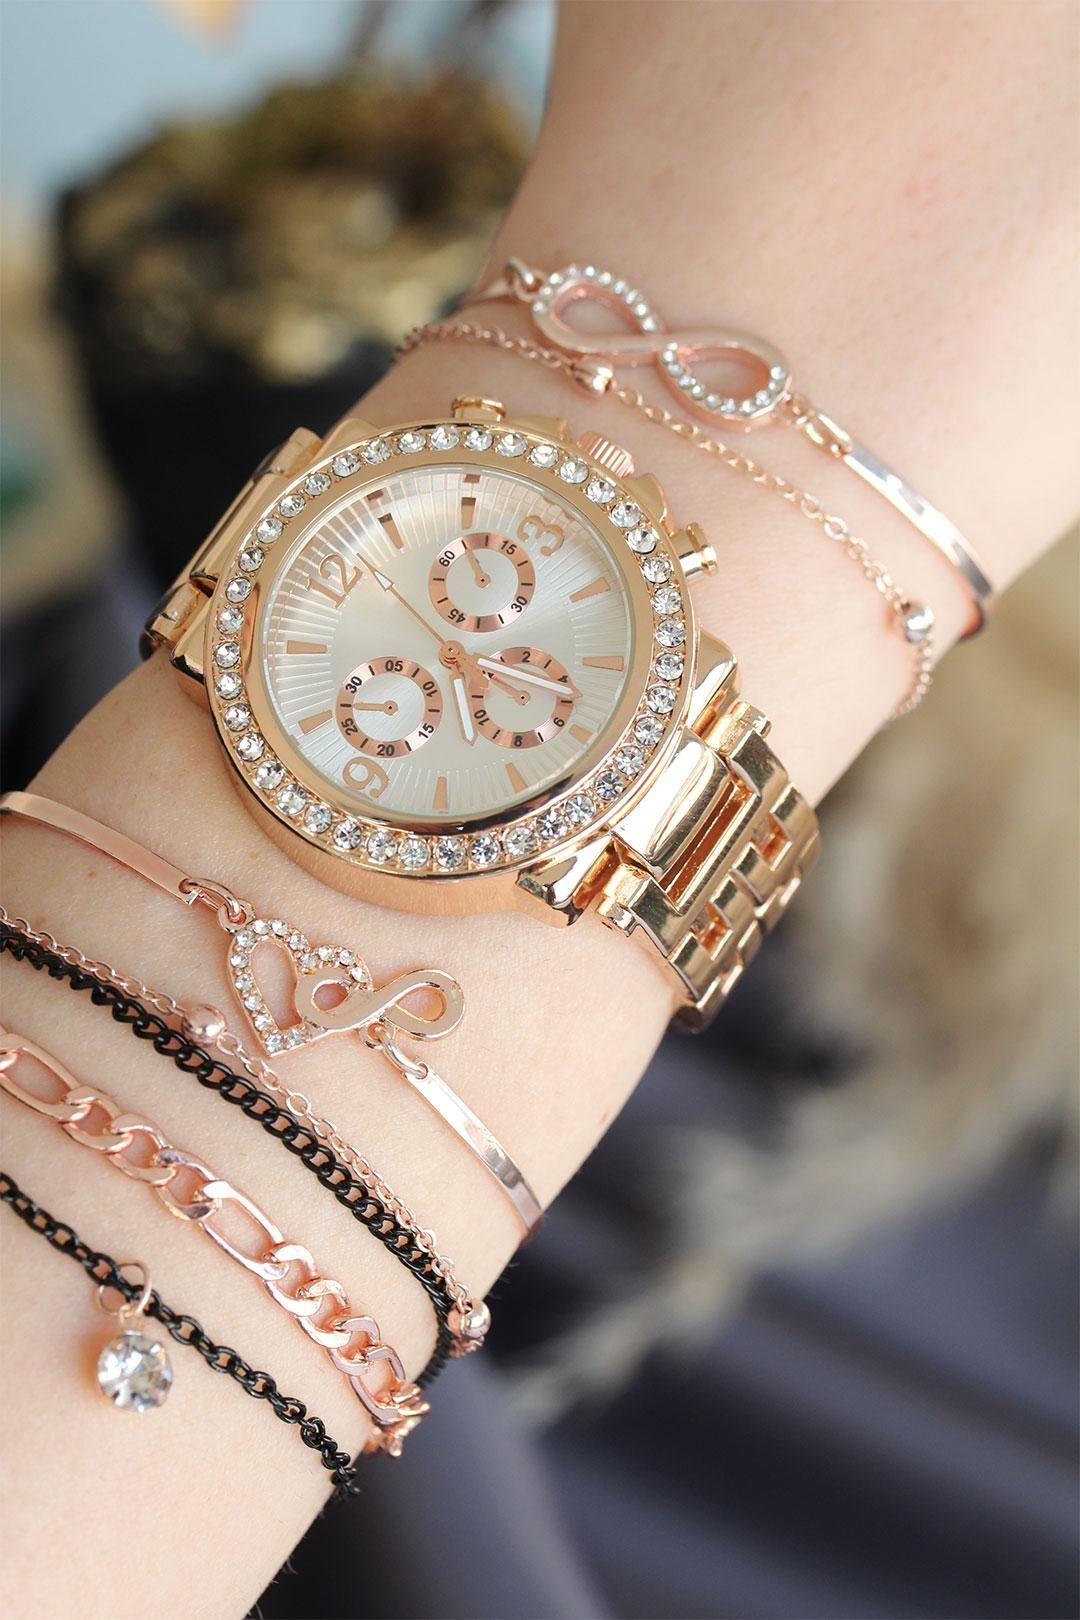 Rose Renk Metal Taşlı Beyaz Kasa Kadın Saat ve Bileklik Kombini